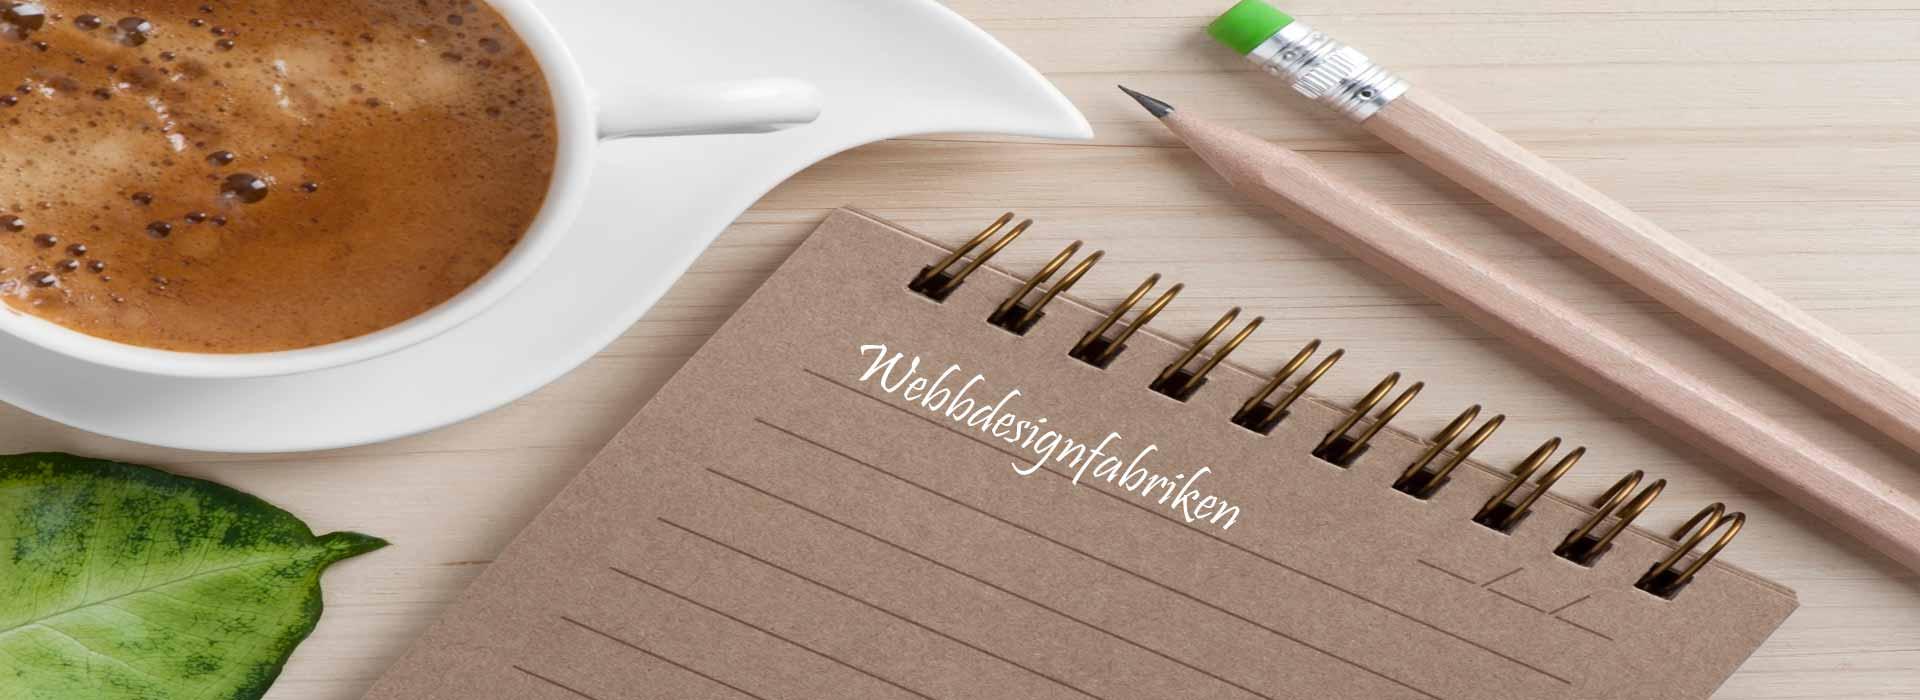 Webbproduktion hos WebbDesignFabriken - En webbyrå i Malmö